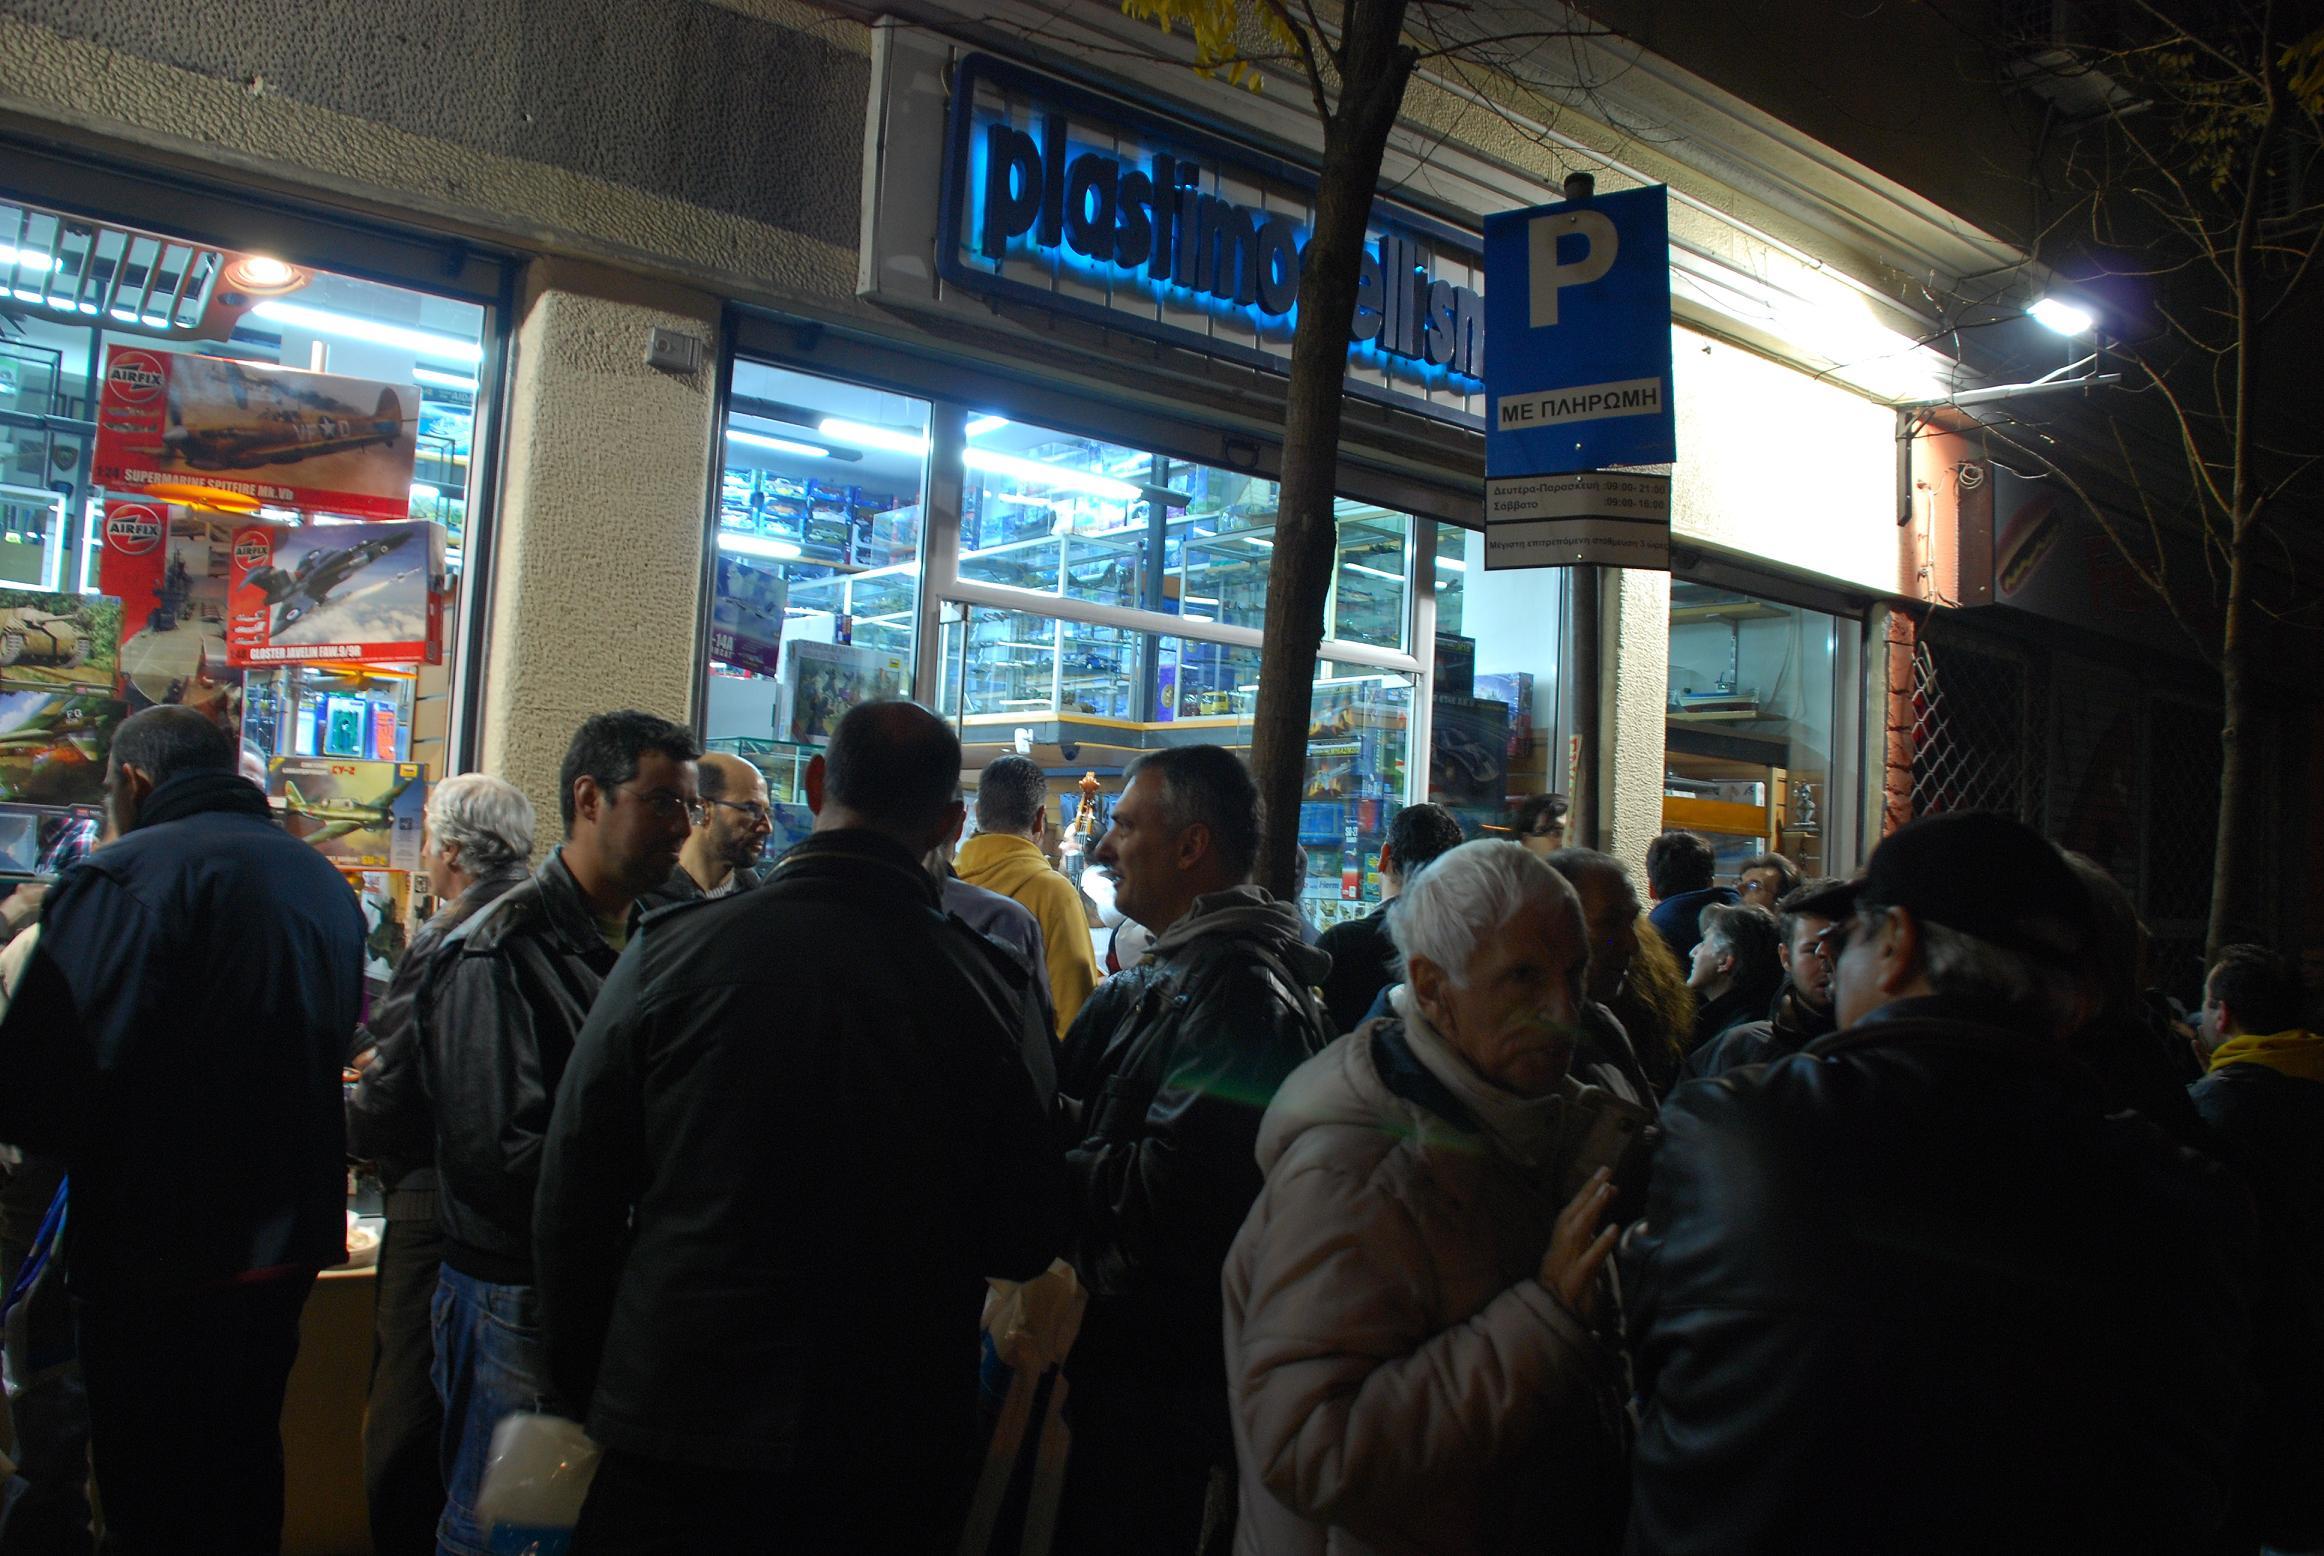 Εγκαίνια Plastimodellismo, Δευτέρα 23.12.2013, Ιπποκράτους 48